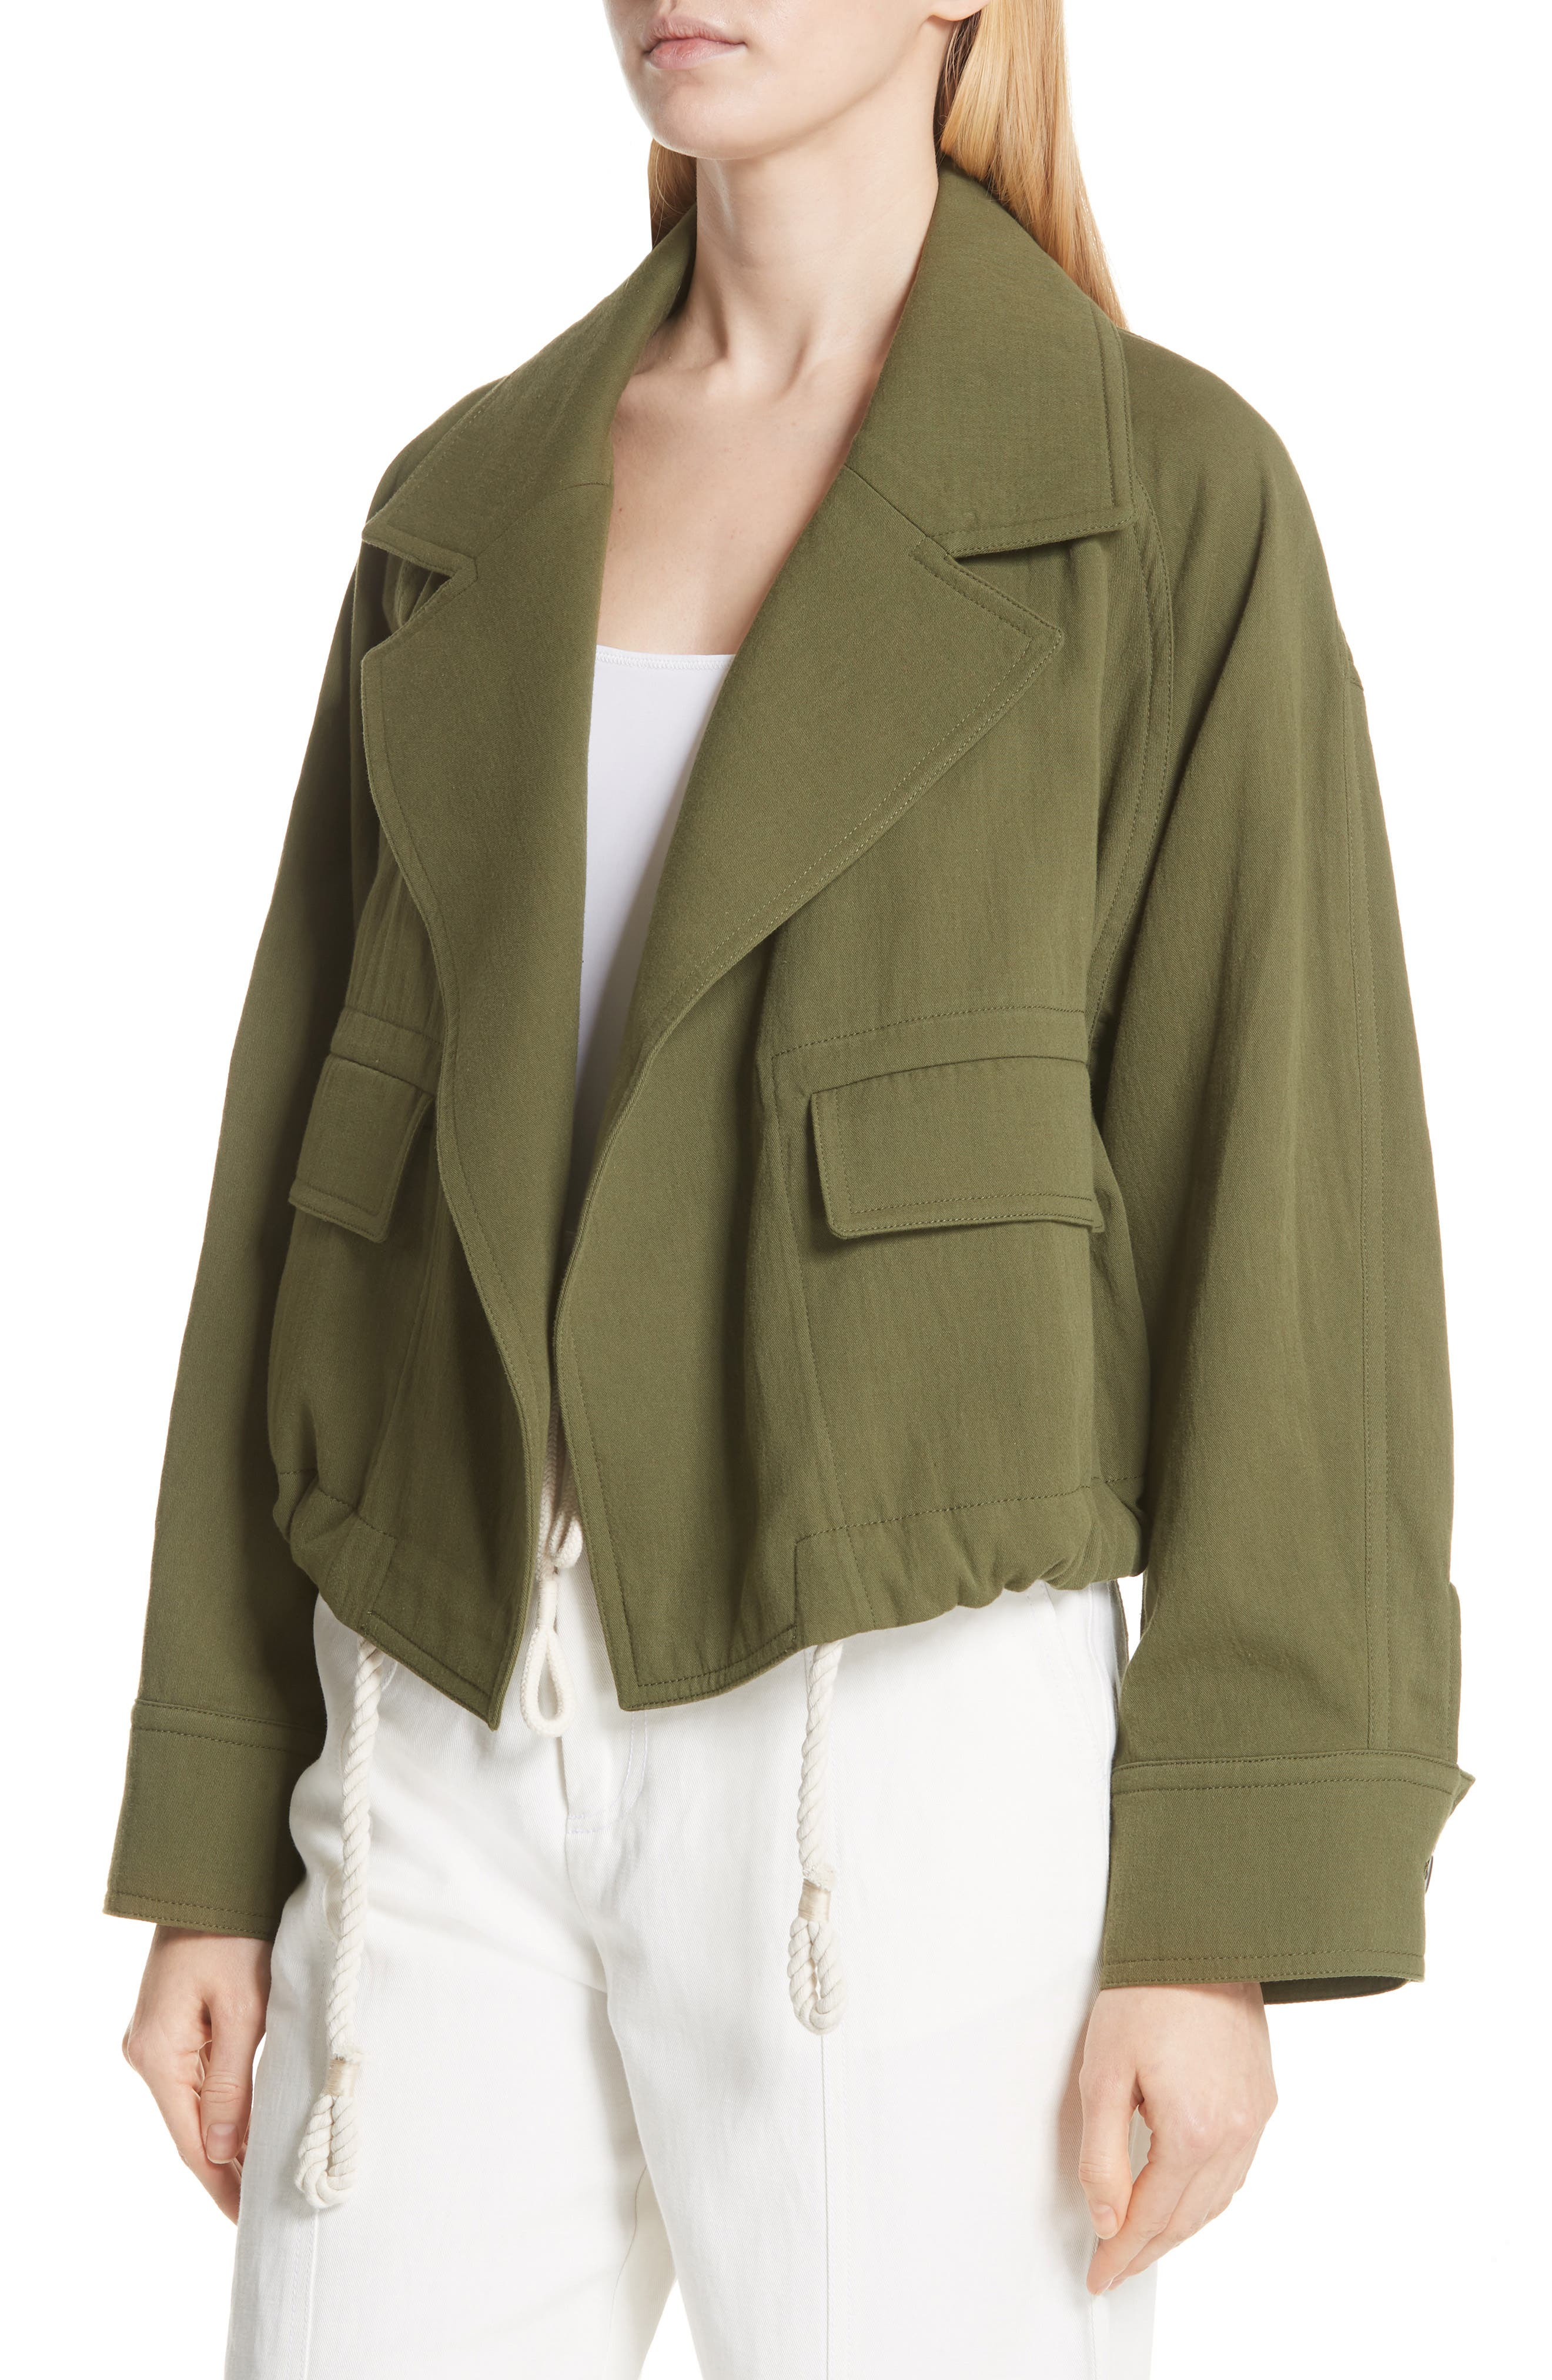 VINCE,                             Drawstring Crop Cotton Jacket,                             Alternate thumbnail 4, color,                             315